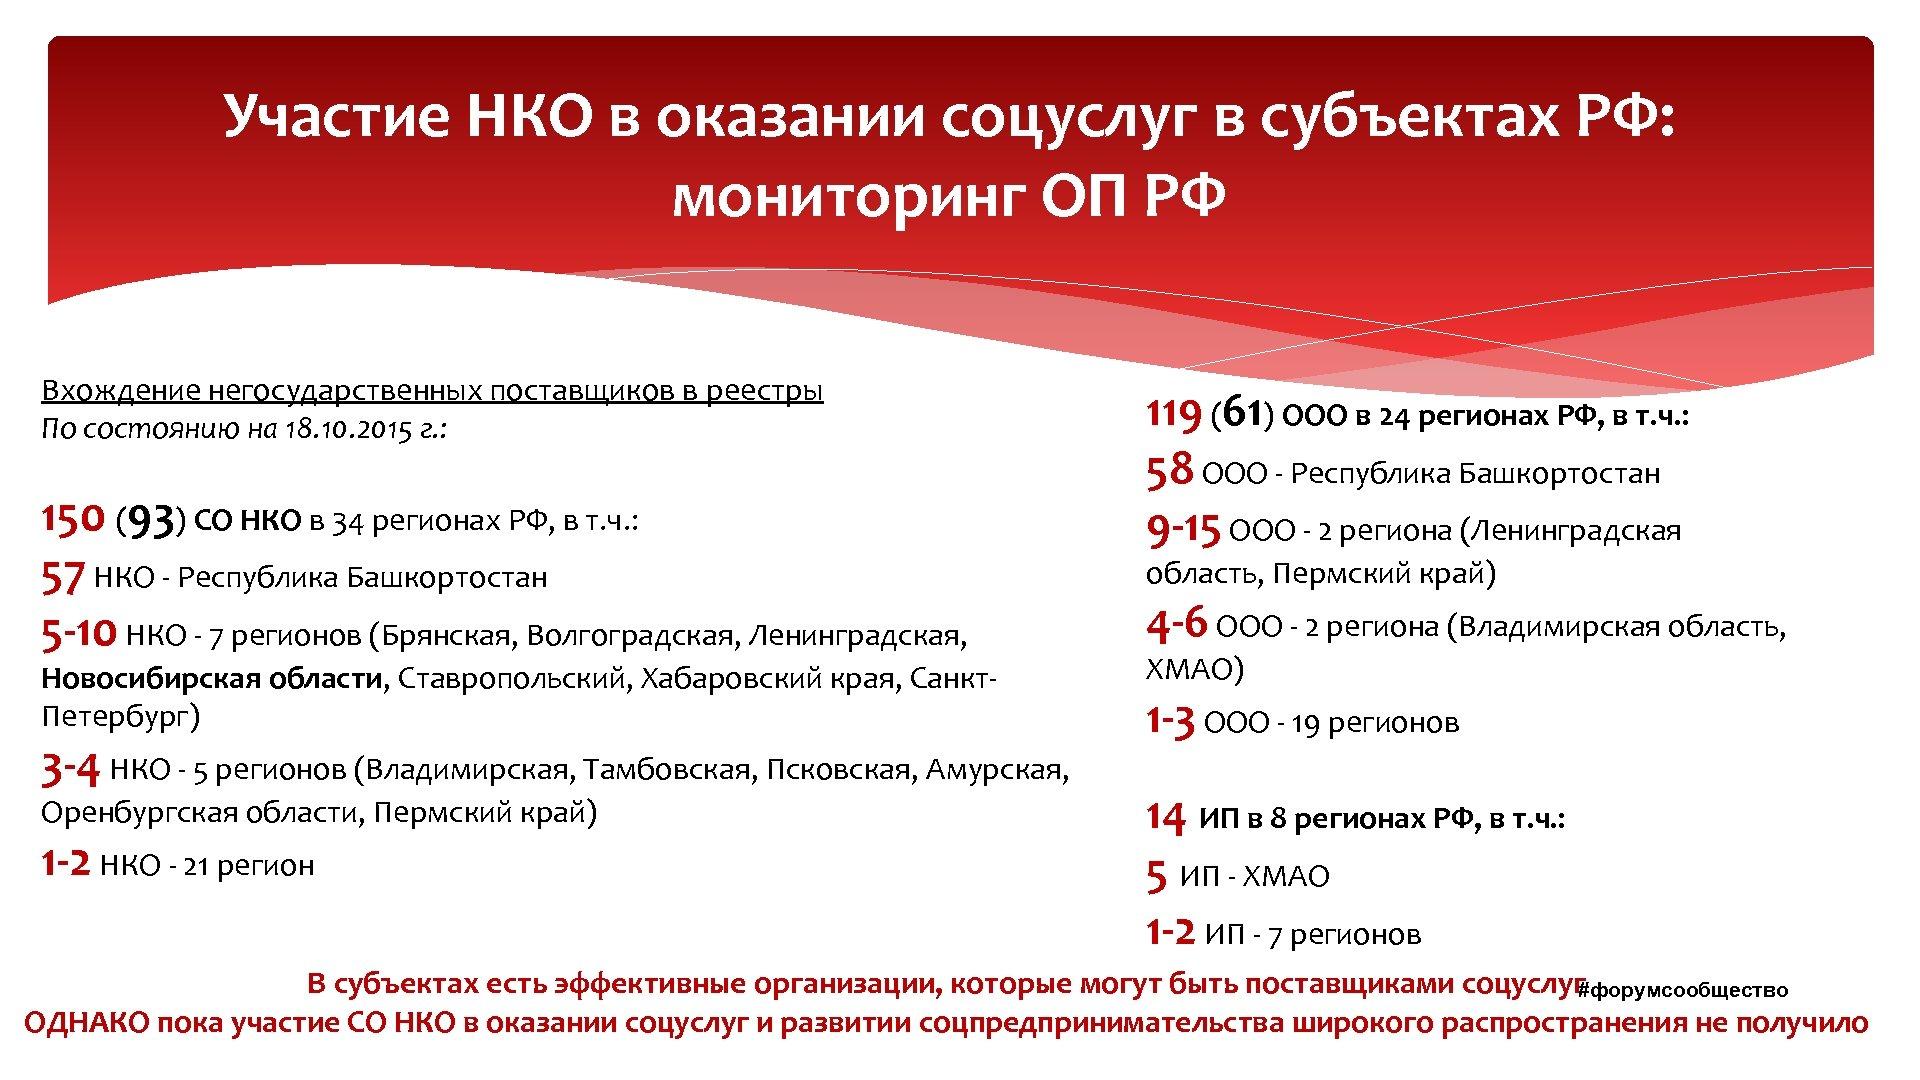 Участие НКО в оказании соцуслуг в субъектах РФ: мониторинг ОП РФ Вхождение негосударственных поставщиков